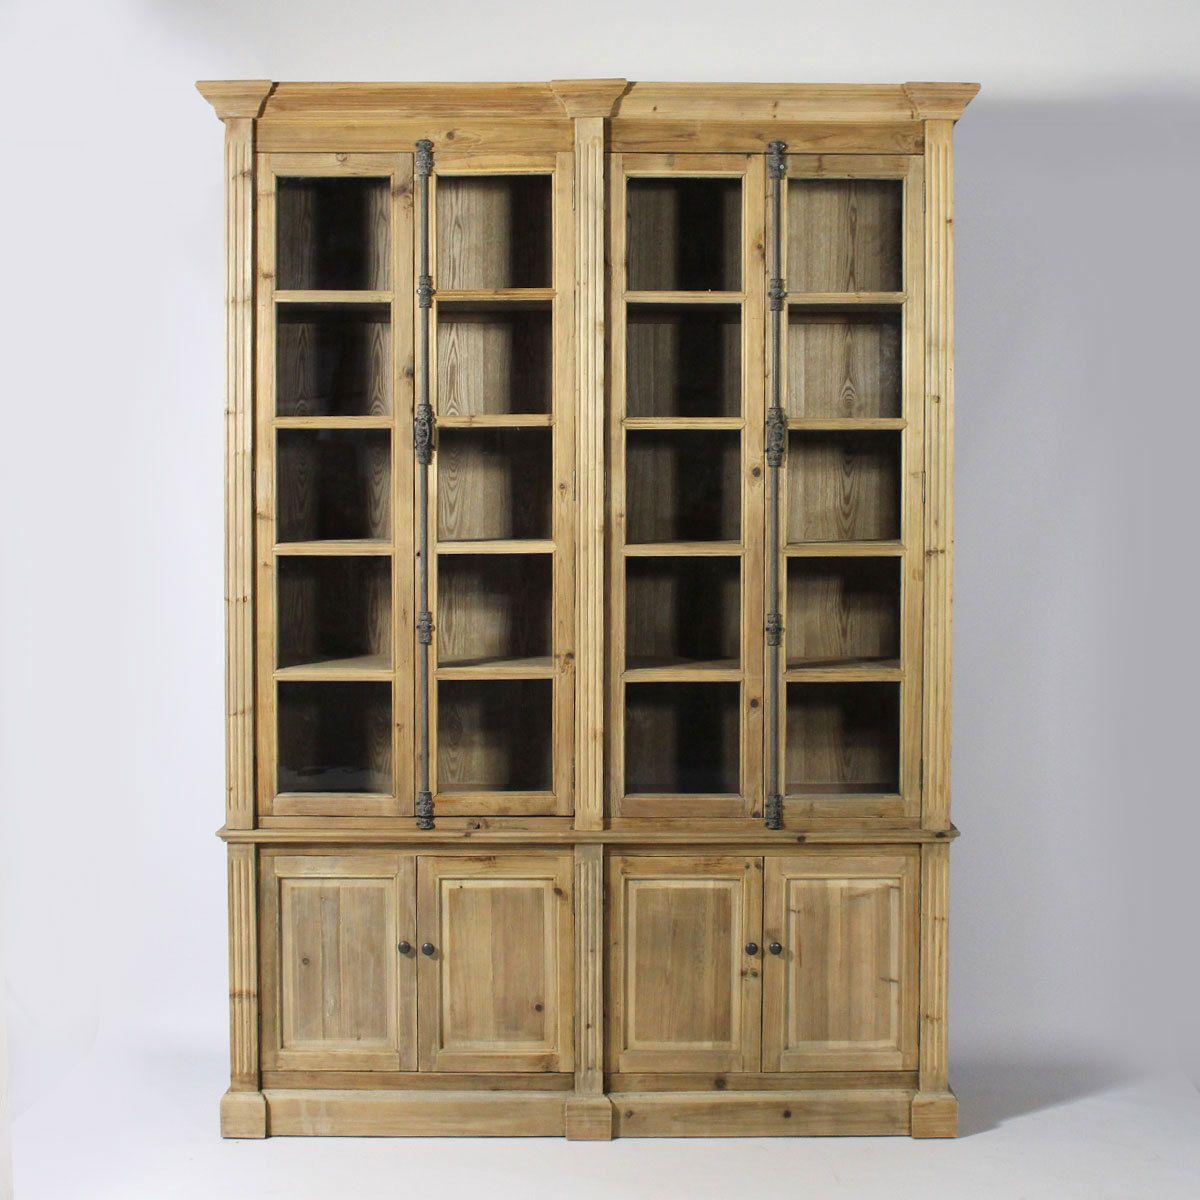 meuble biblioth que en bois recycl biblioth que vitr e authentique et pleine de charme. Black Bedroom Furniture Sets. Home Design Ideas